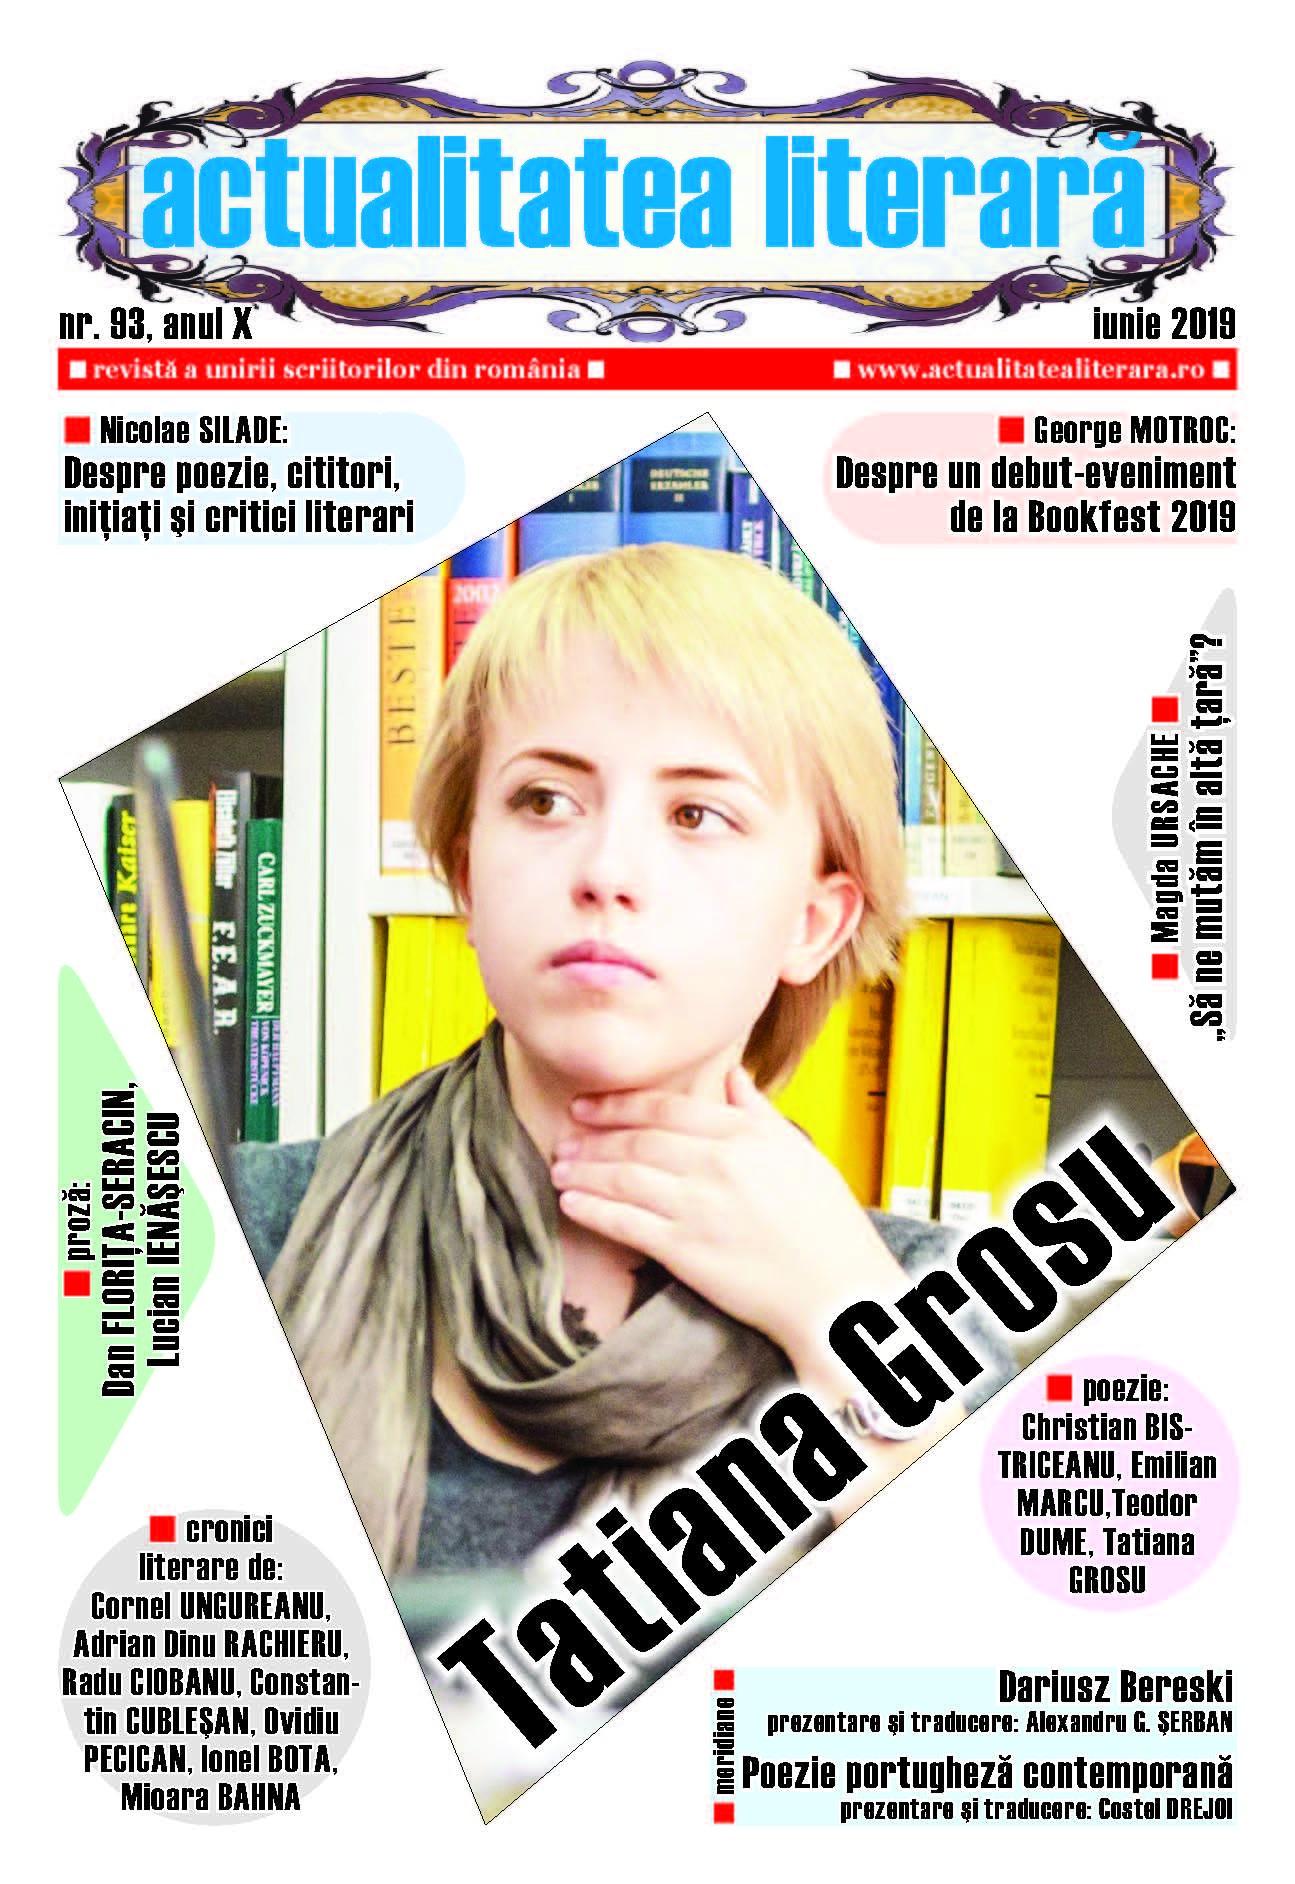 Lugoj Expres A apărut numărul 93 al revistei Actualitatea literară scriitori revistă proză poezie poeți librării cultură cronici literare actualitatea literară